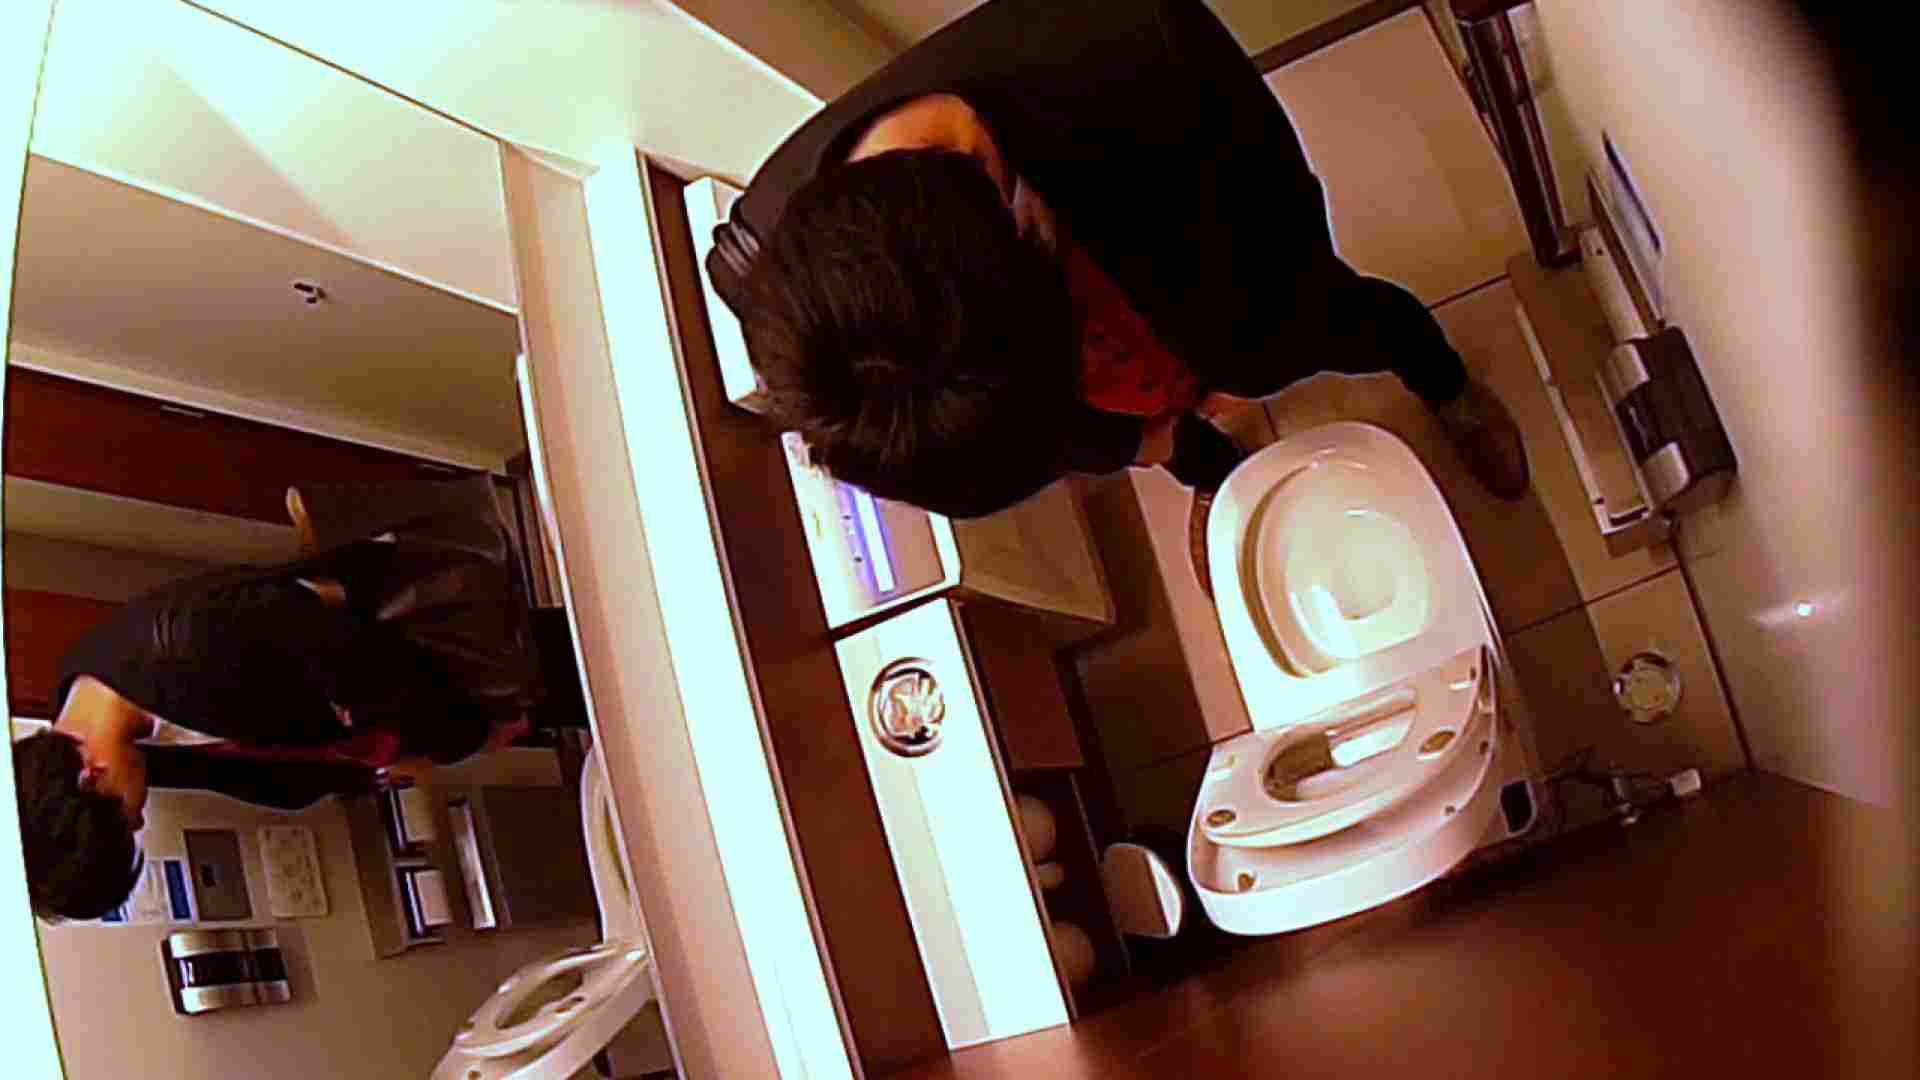 すみませんが覗かせてください Vol.32 トイレ  61連発 28